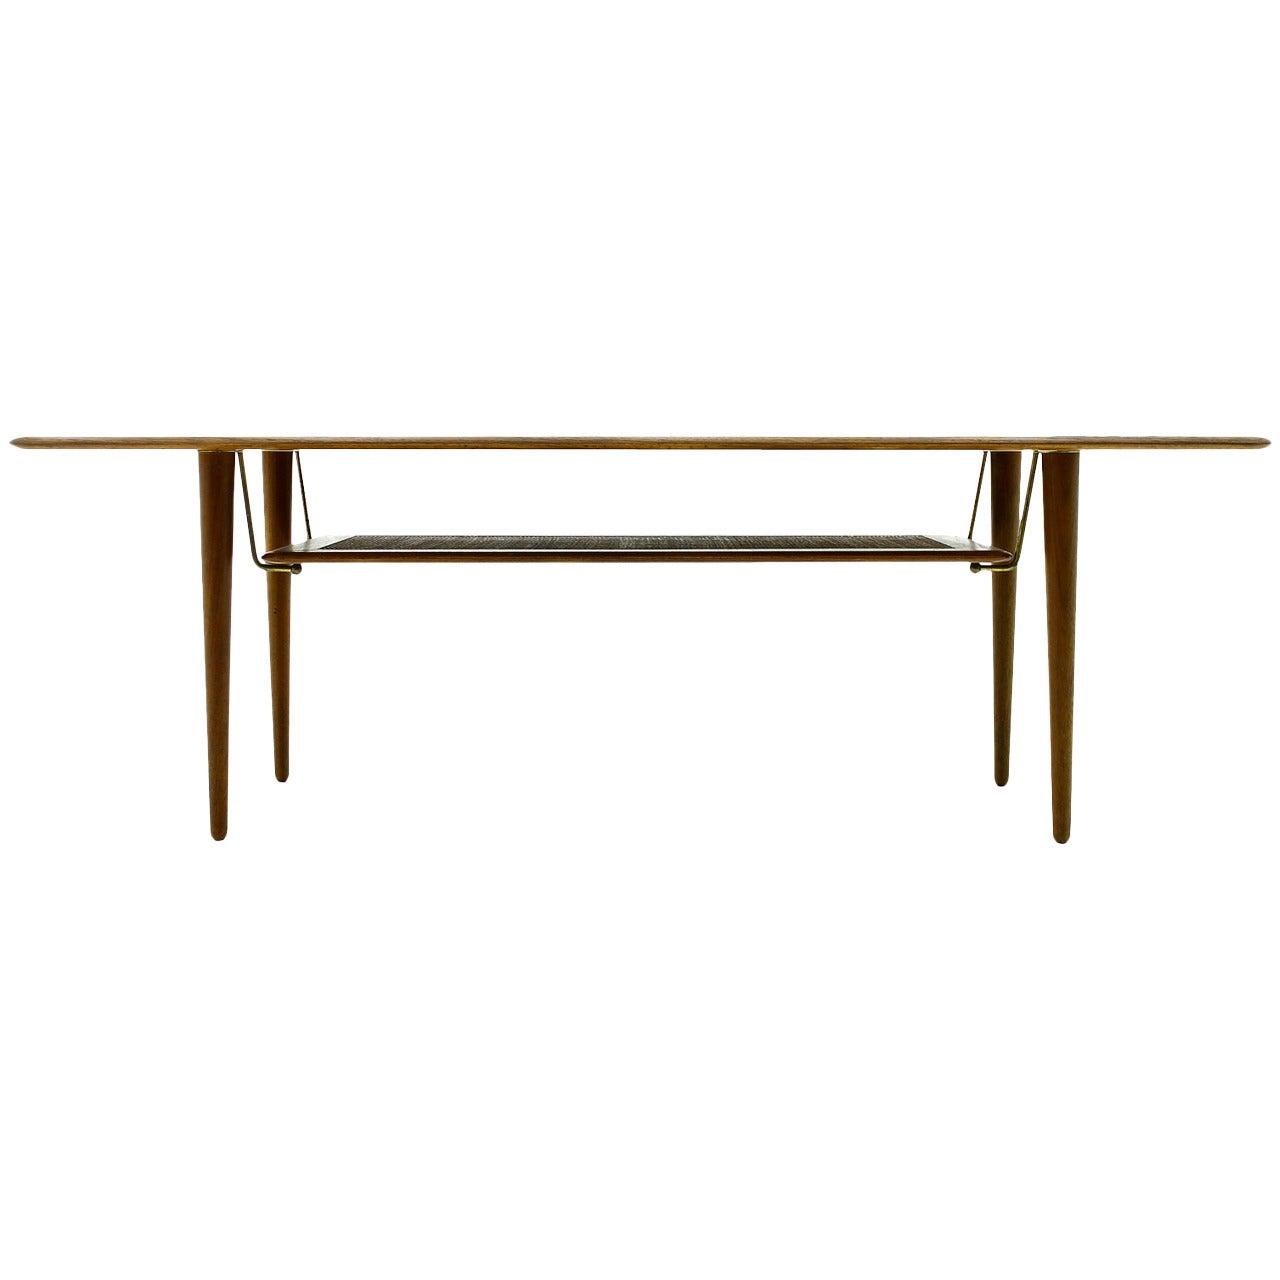 Danish Teak Wood Coffee Table by Peter Hvidt & Orla Molgaard Nielsen, 1956